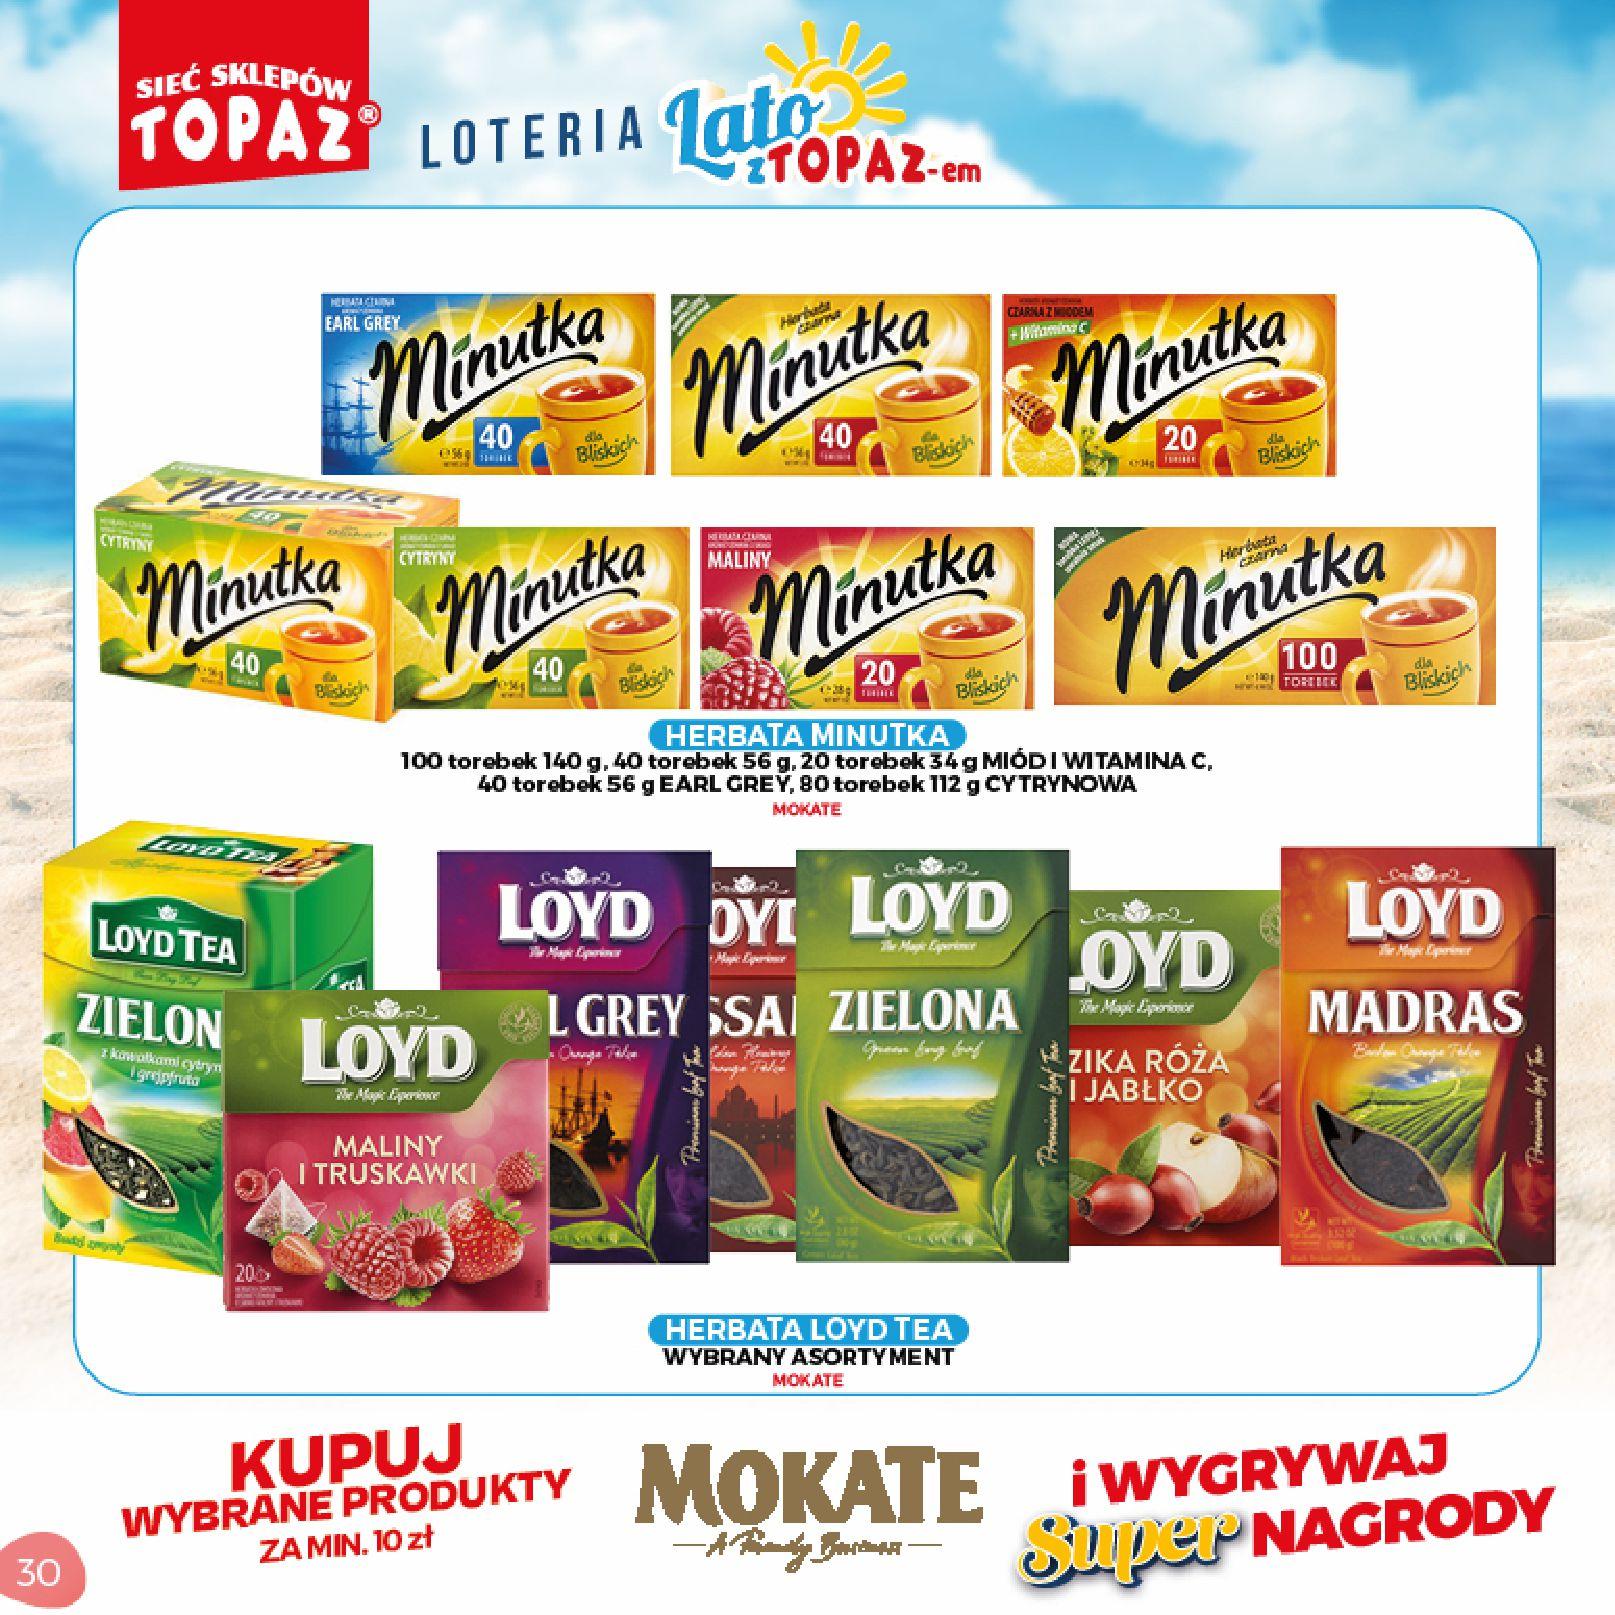 Gazetka TOPAZ: Gazetka TOPAZ - Loteria 2021-07-05 page-30